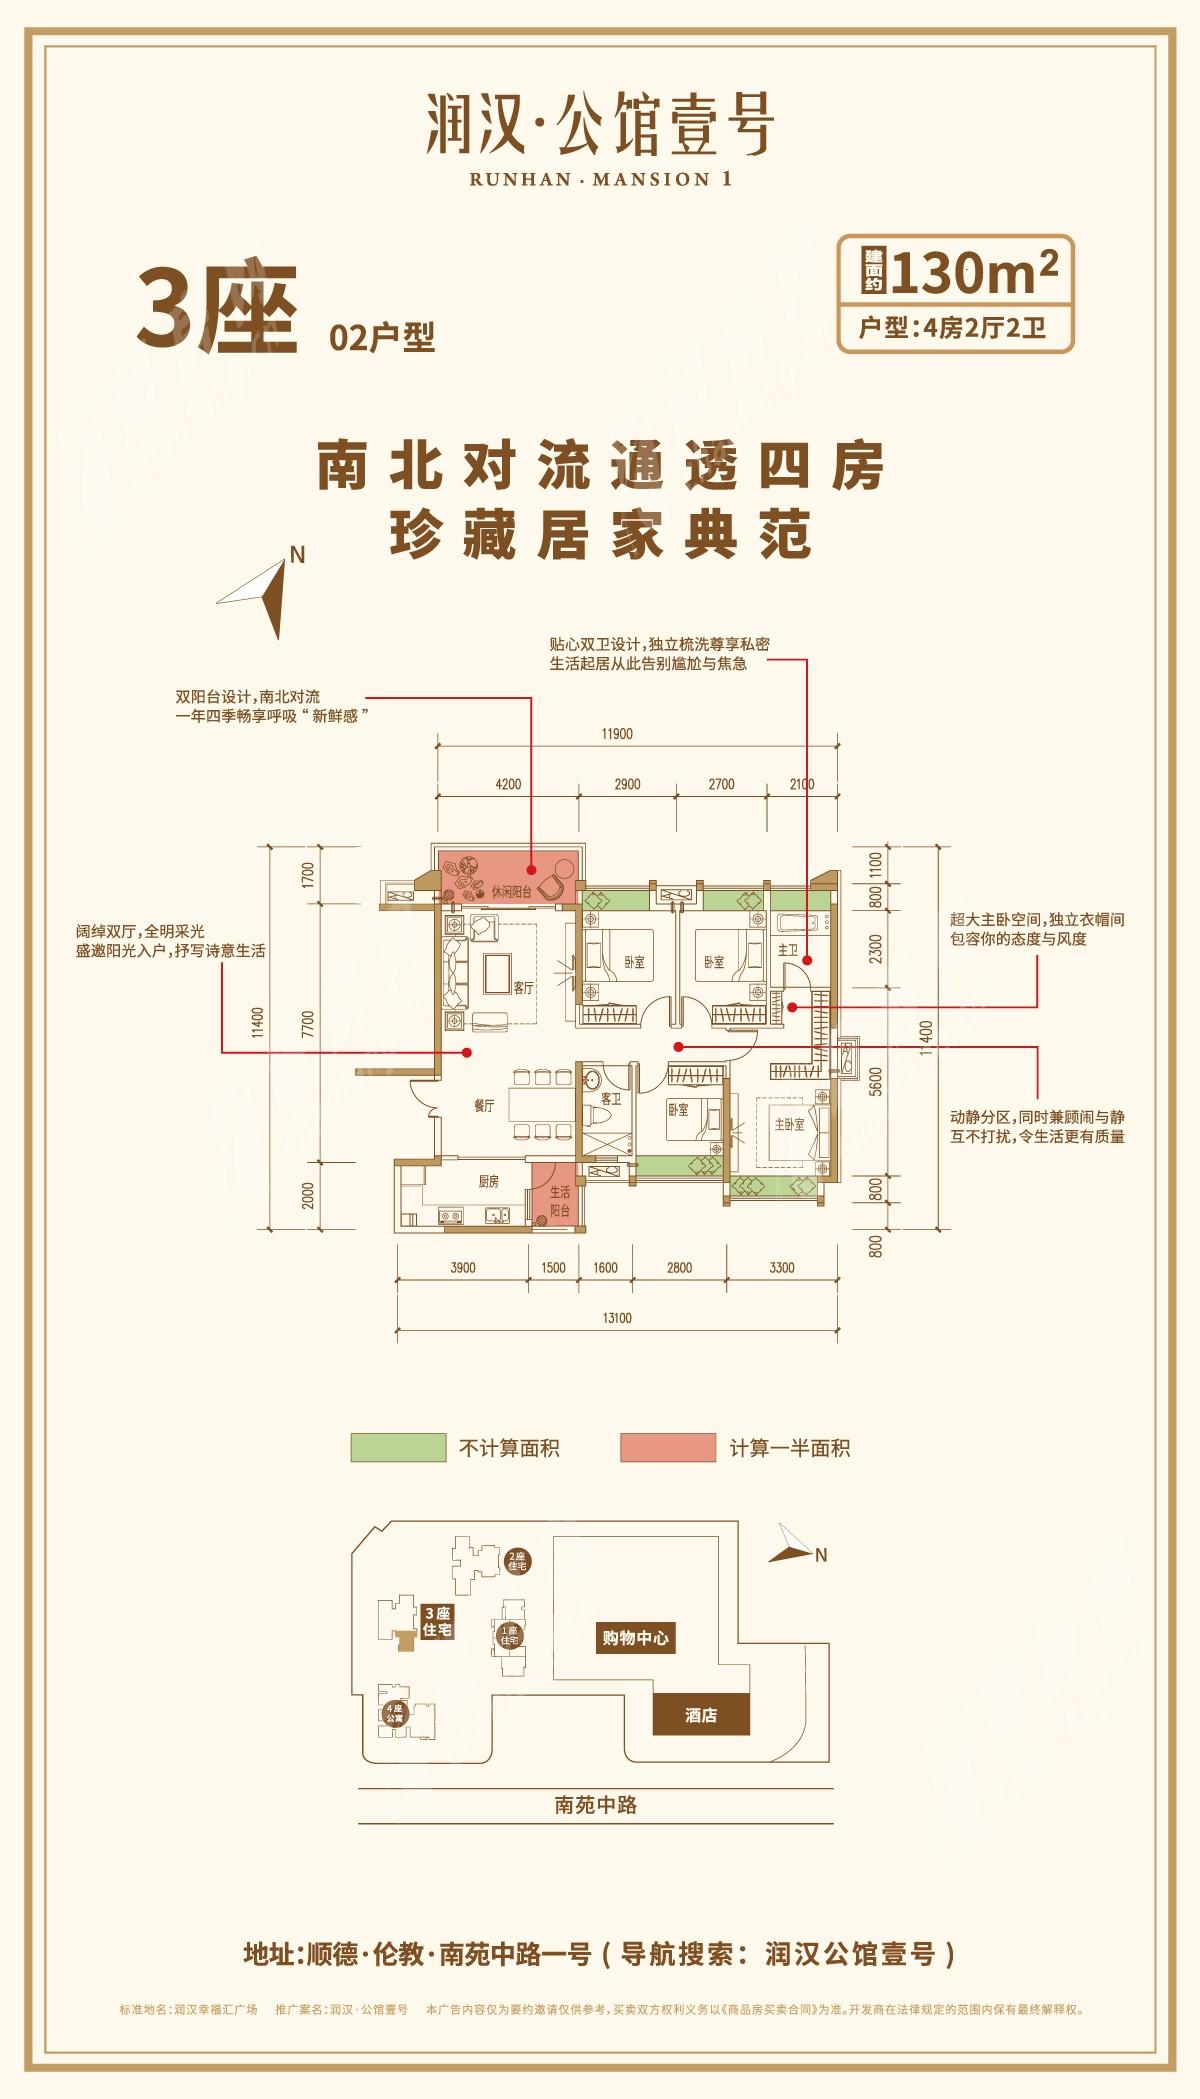 潤漢公館壹號(新房)新房130㎡ 4室2廳2衛戶型圖